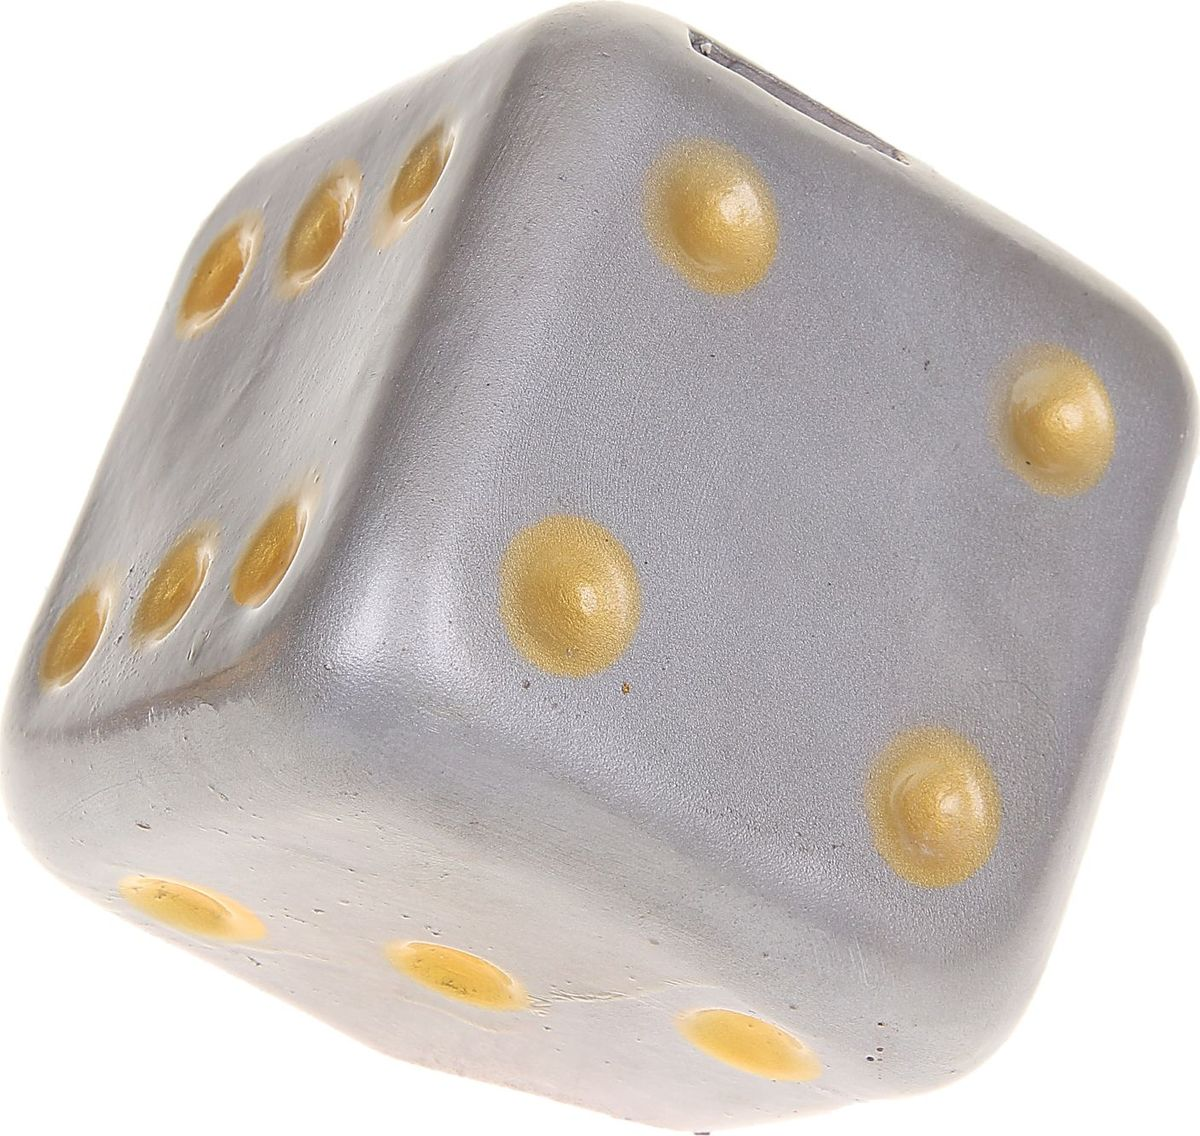 Копилка Керамика ручной работы Кубик, цвет: серый, 13 х 13 х 13 см1074153Каждая хозяйка знает, что в ведении домашнего хозяйства важную роль играет умение накапливать средства.Поставьте копилку на видное место, и она не только будет хранить деньги, но и станет стильным элементом интерьера.Обращаем ваше внимание, что копилка является одноразовой.